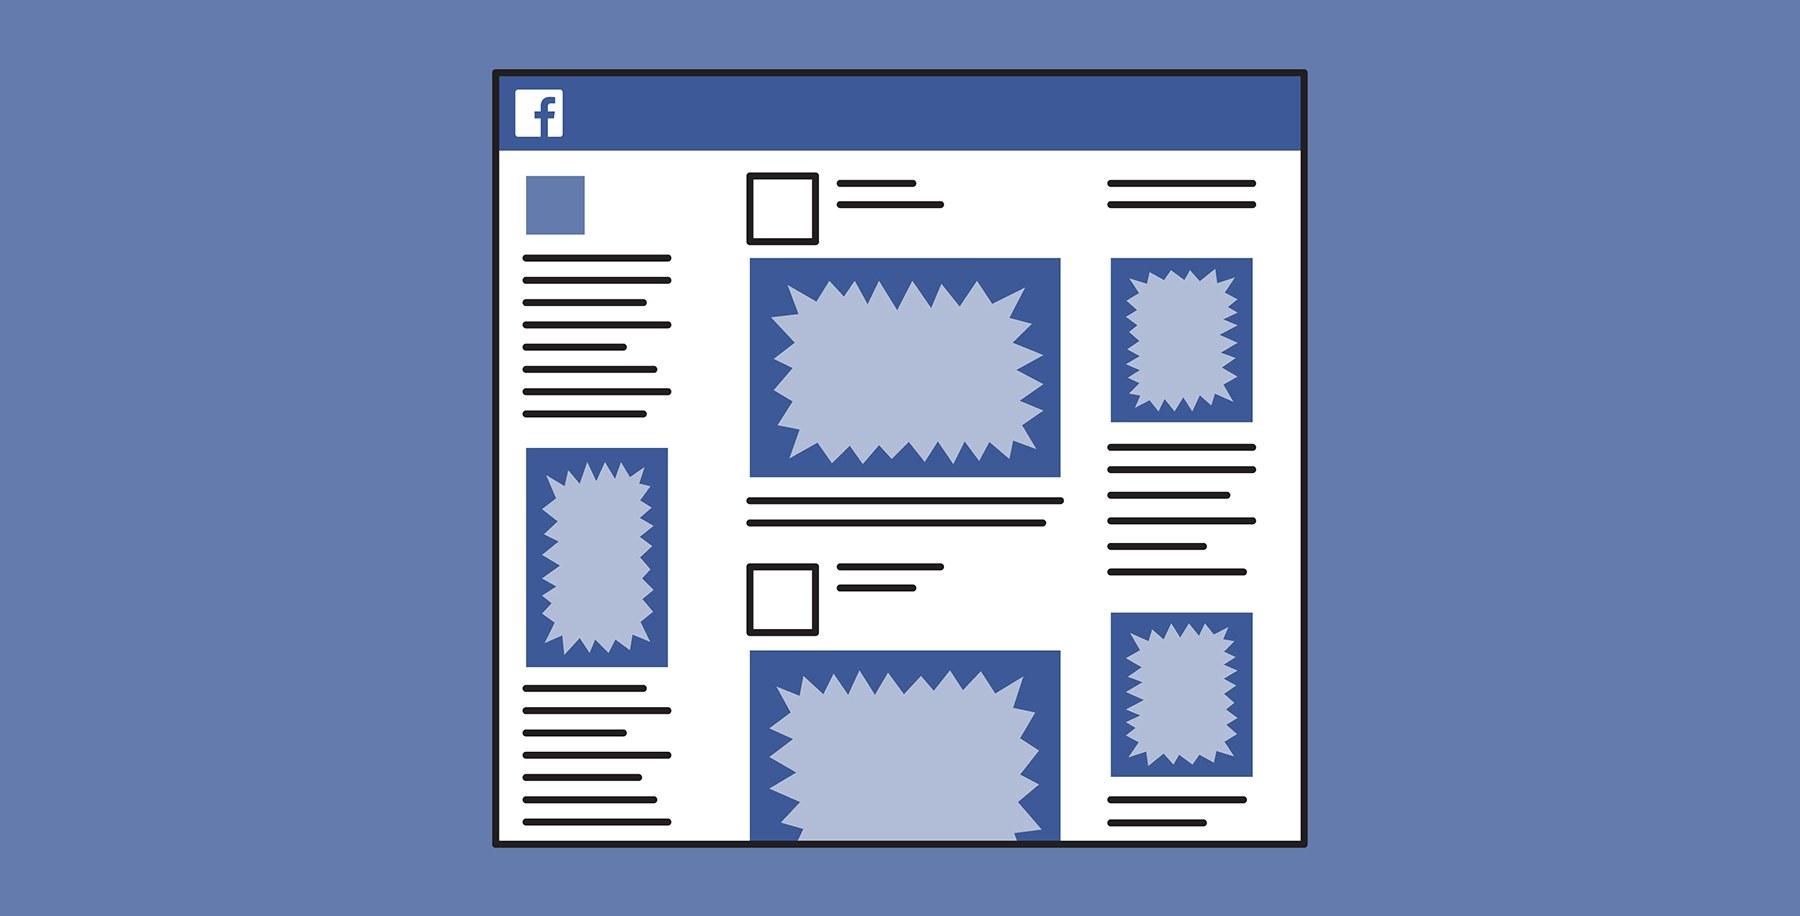 فیسبوک بار دیگر صفحه فید خود را بروزرسانی کرد